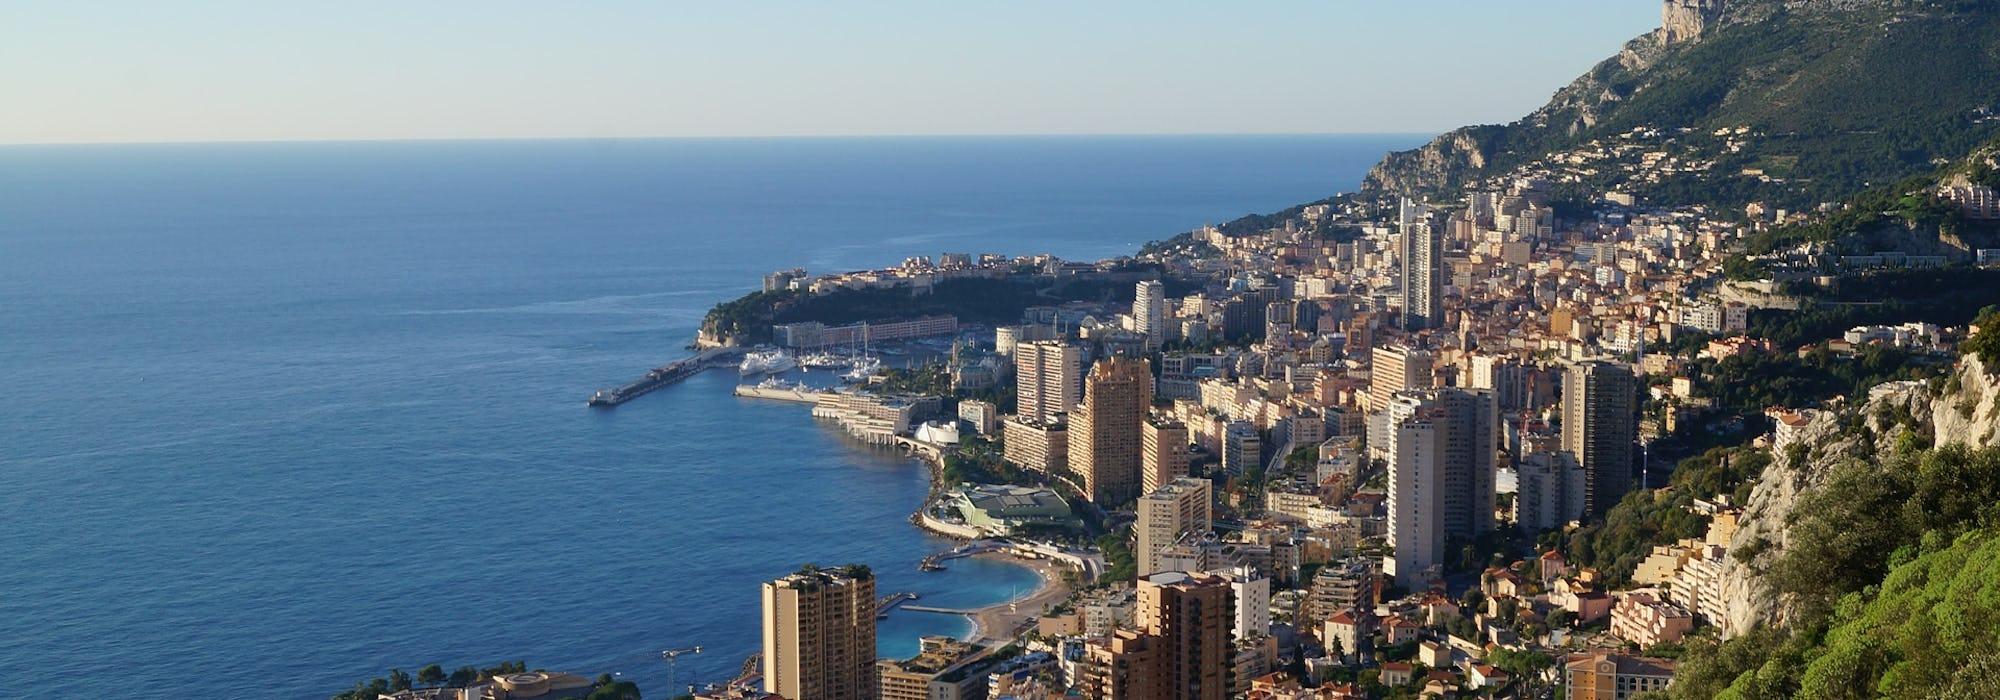 Bild från ovan på Monte Carlos marina med havet till vänster och hur och berg till höger.